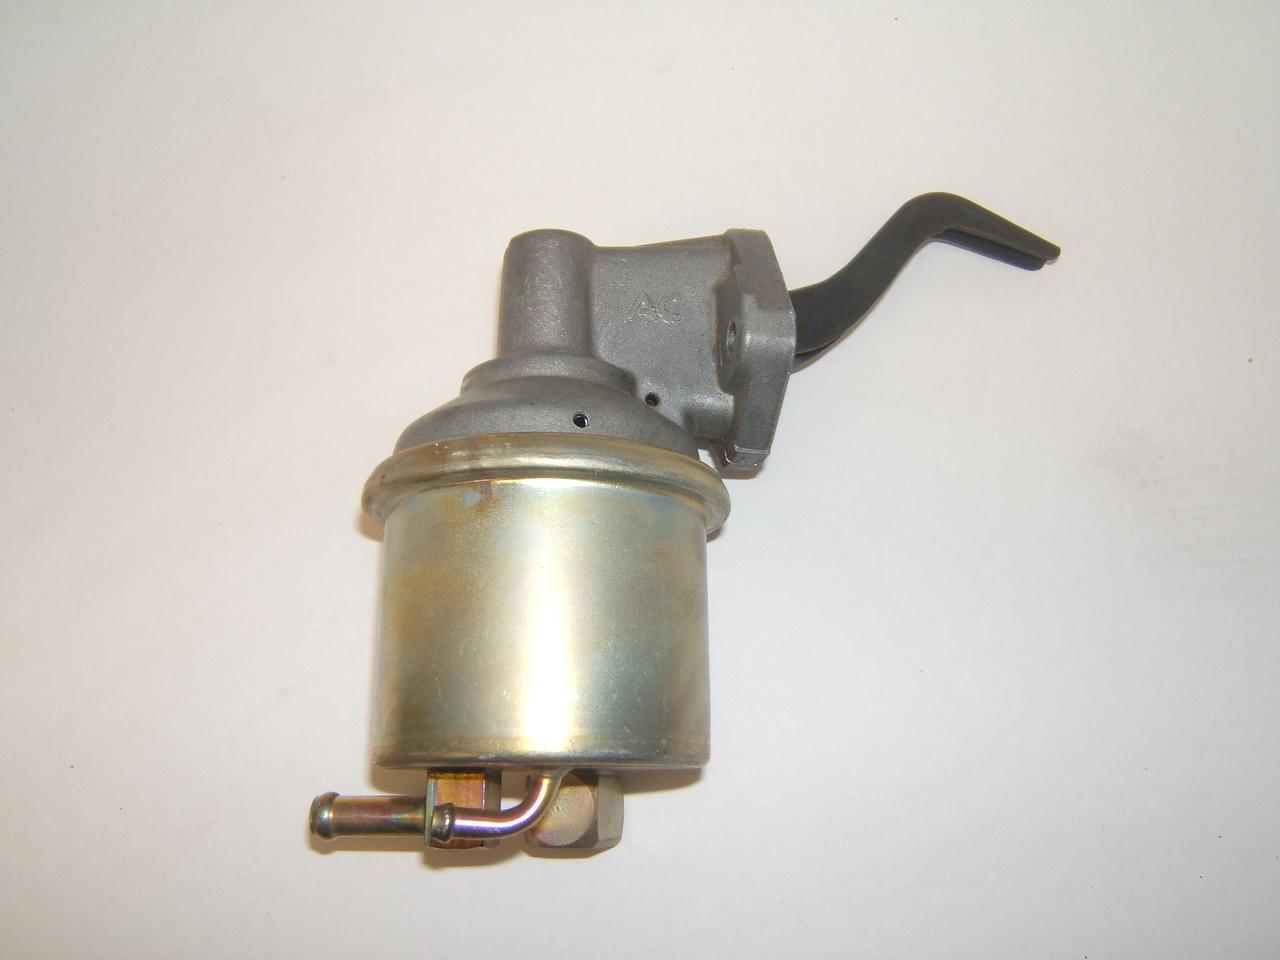 http://www.autopartsobsolete.com/1970-pontiac-gto-nos-ac-fuel-pump-late-40863-40933.html